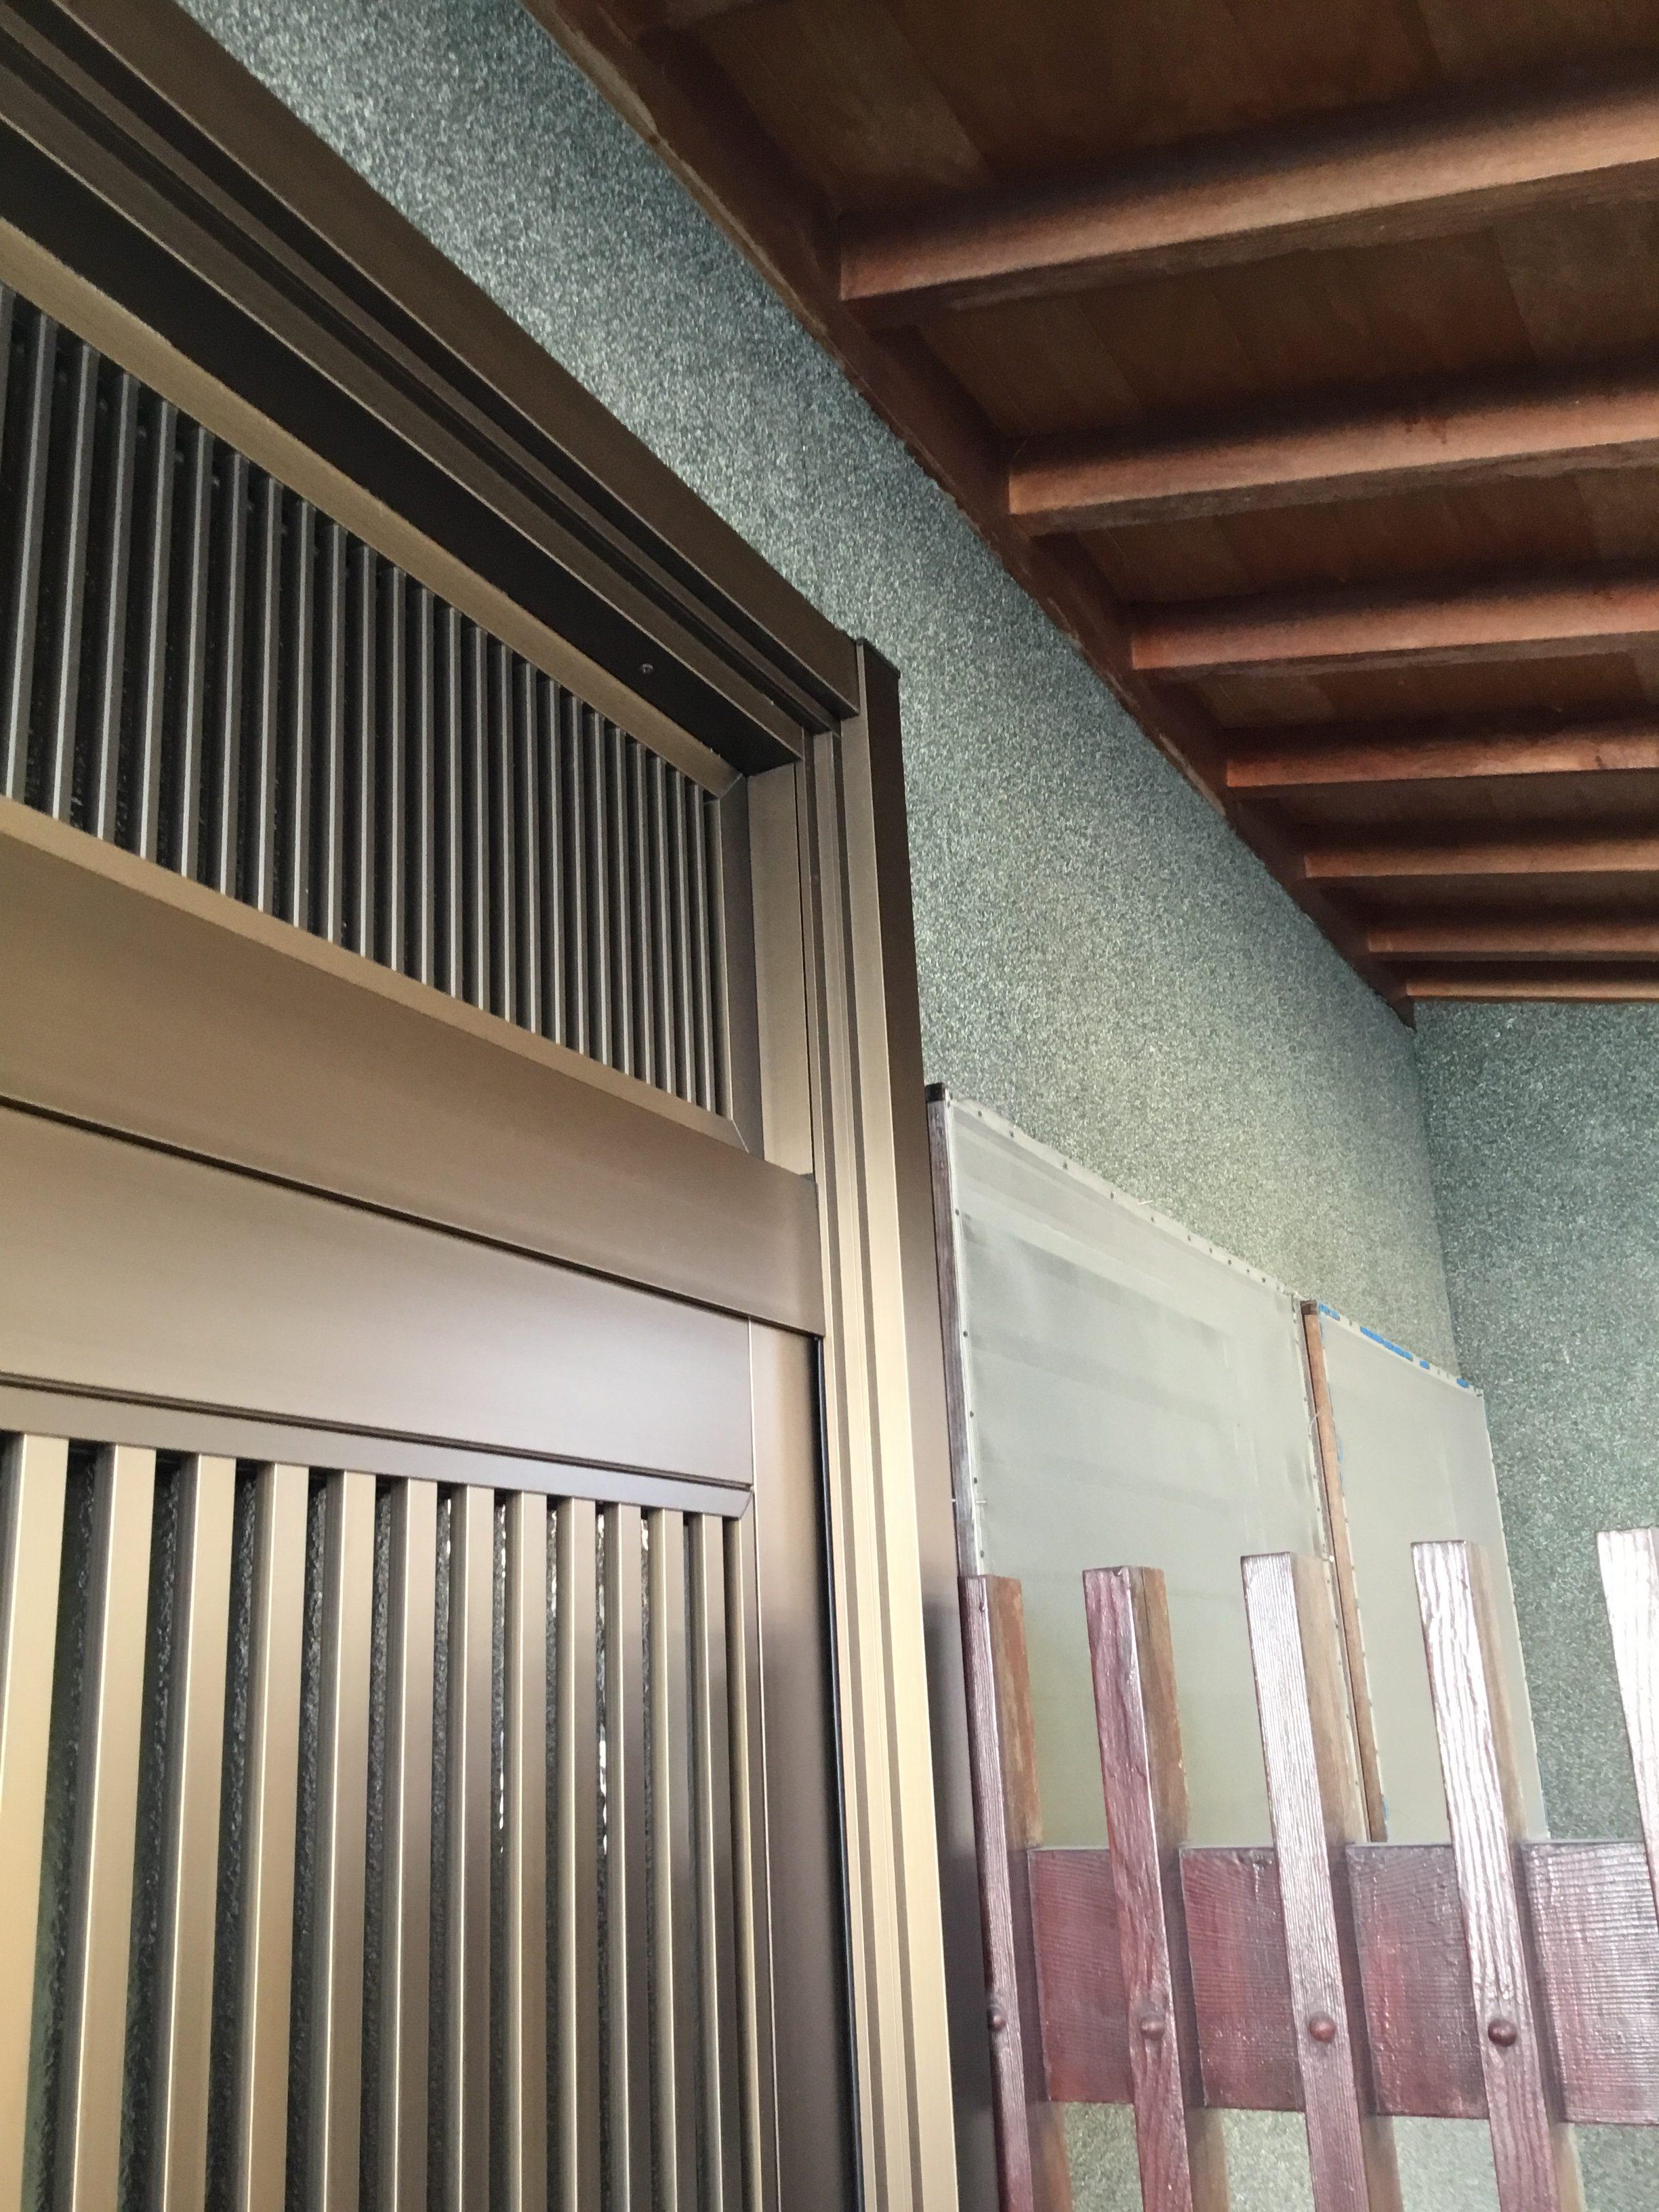 福岡トーヨー 大牟田店の玄関リフォーム リシェント 取替の施工後の写真1